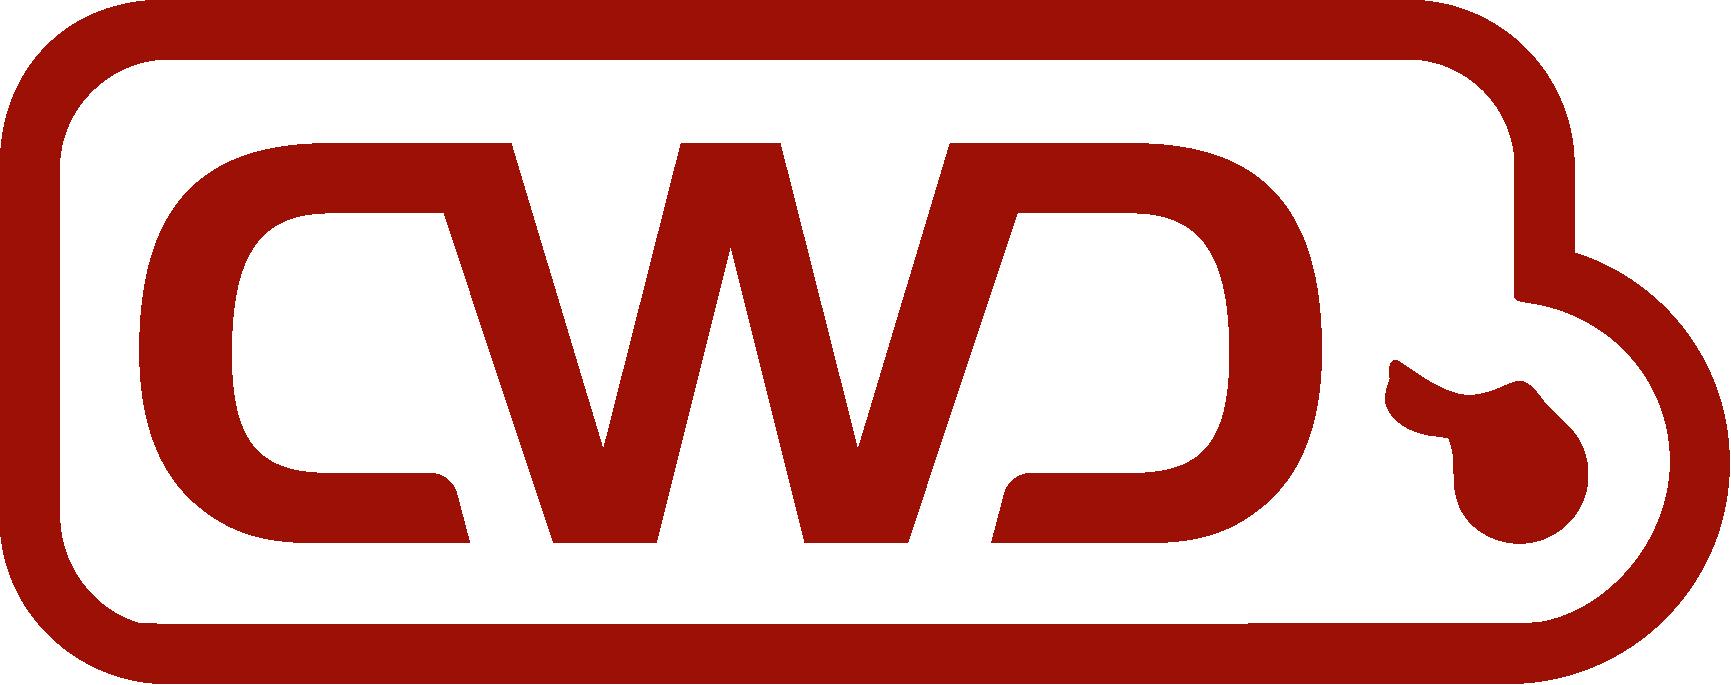 Logo CWD